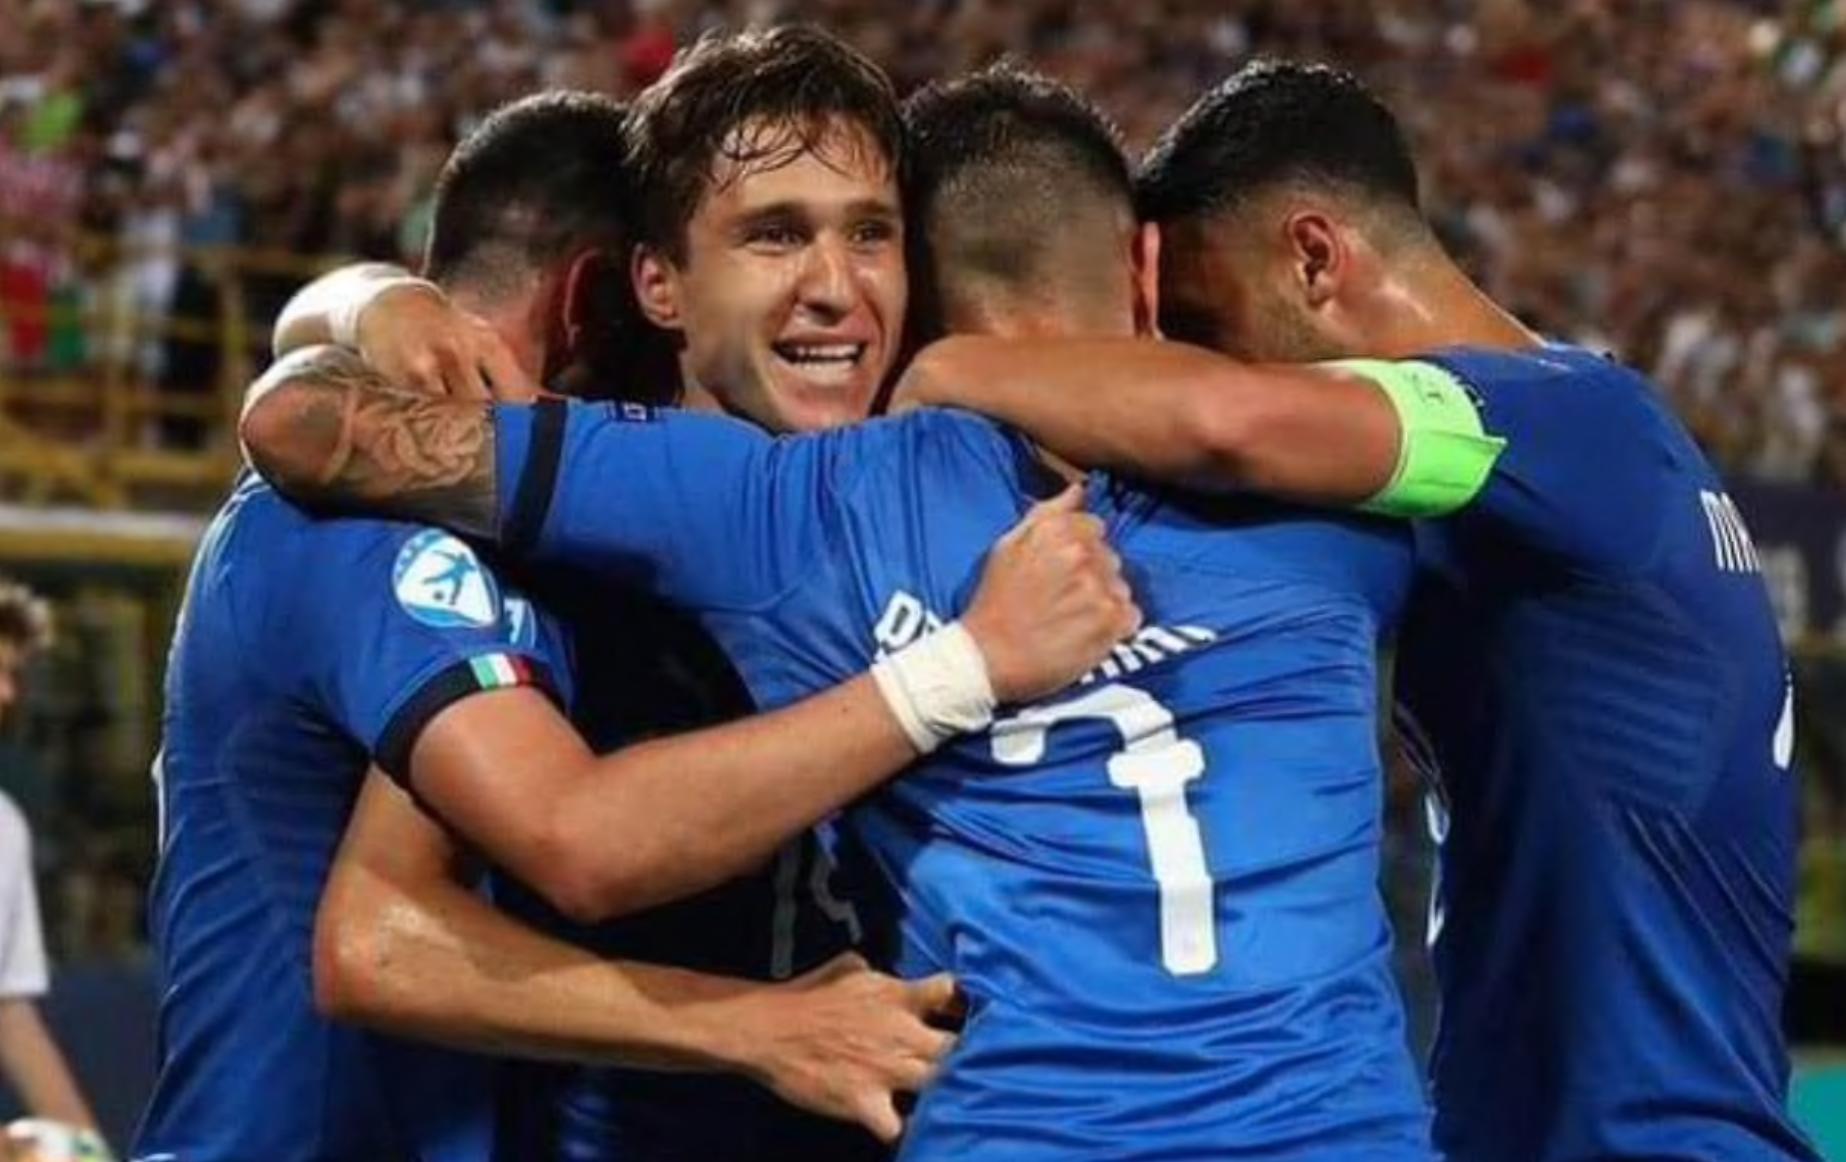 Europei Under 21 - L'Italia batte il Belgio (3-1) ma c'è da aspettare